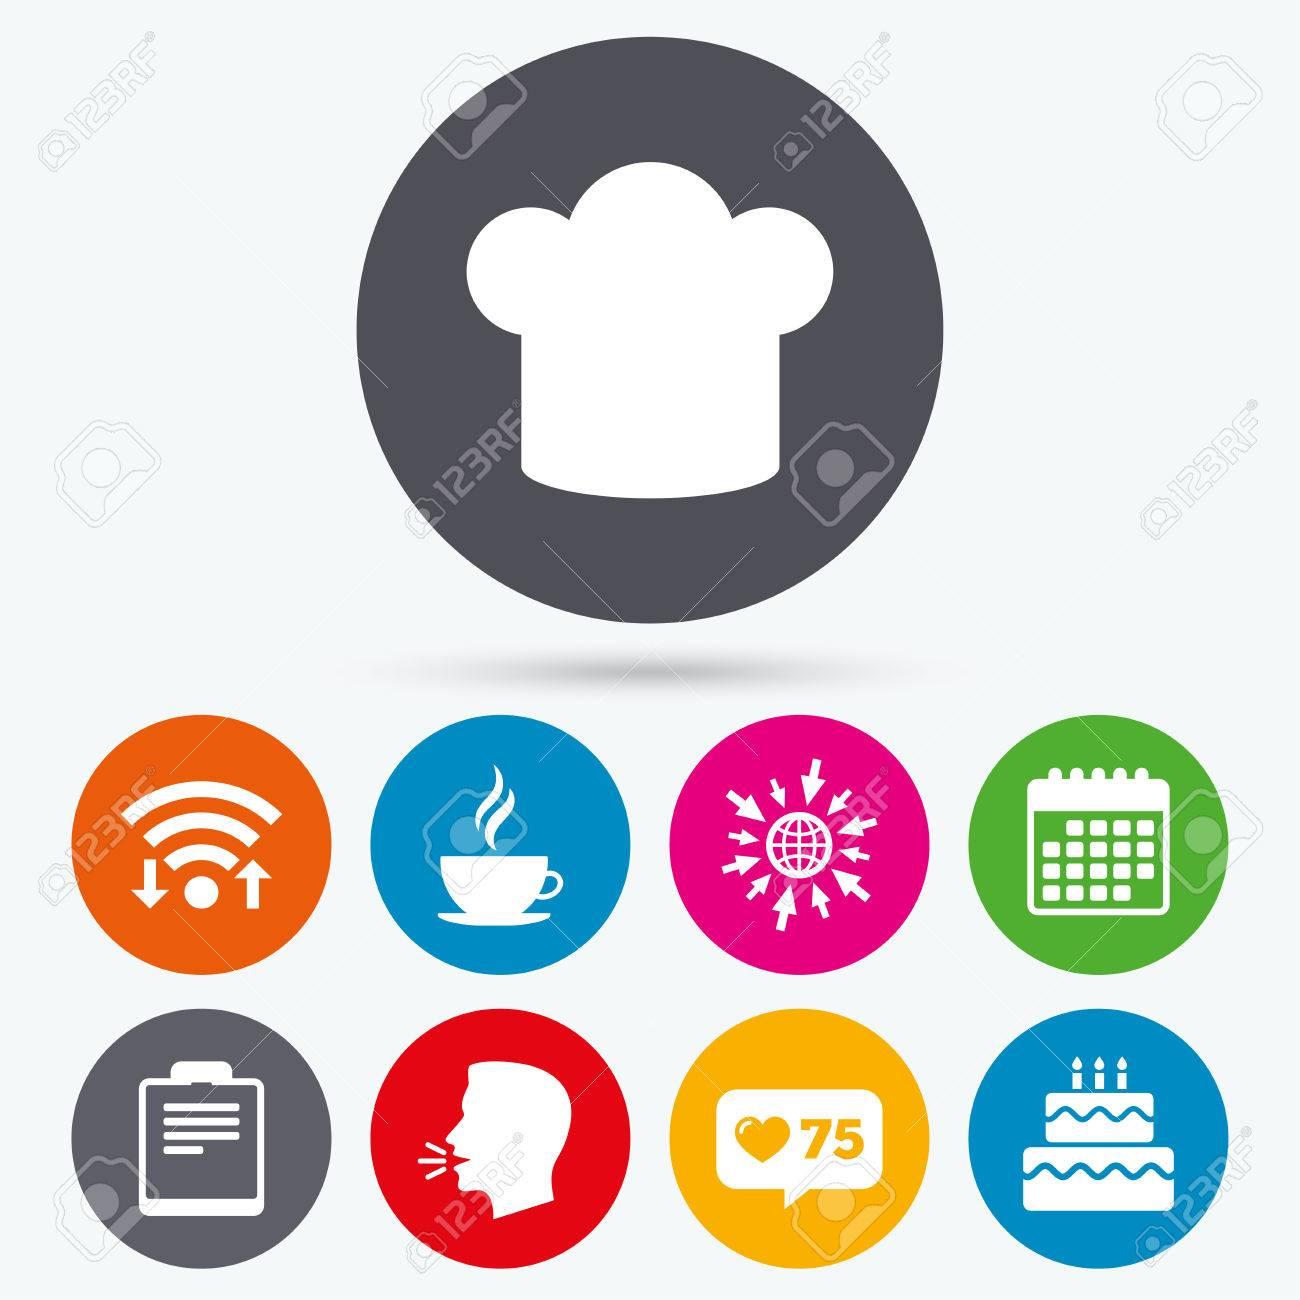 Calendario Icona.Wifi Come Icone Contatore E Calendario Icona Della Tazza Di Caffe Simbolo Cappello Da Cuoco Segni Di Torta Di Compleanno File Di Documento